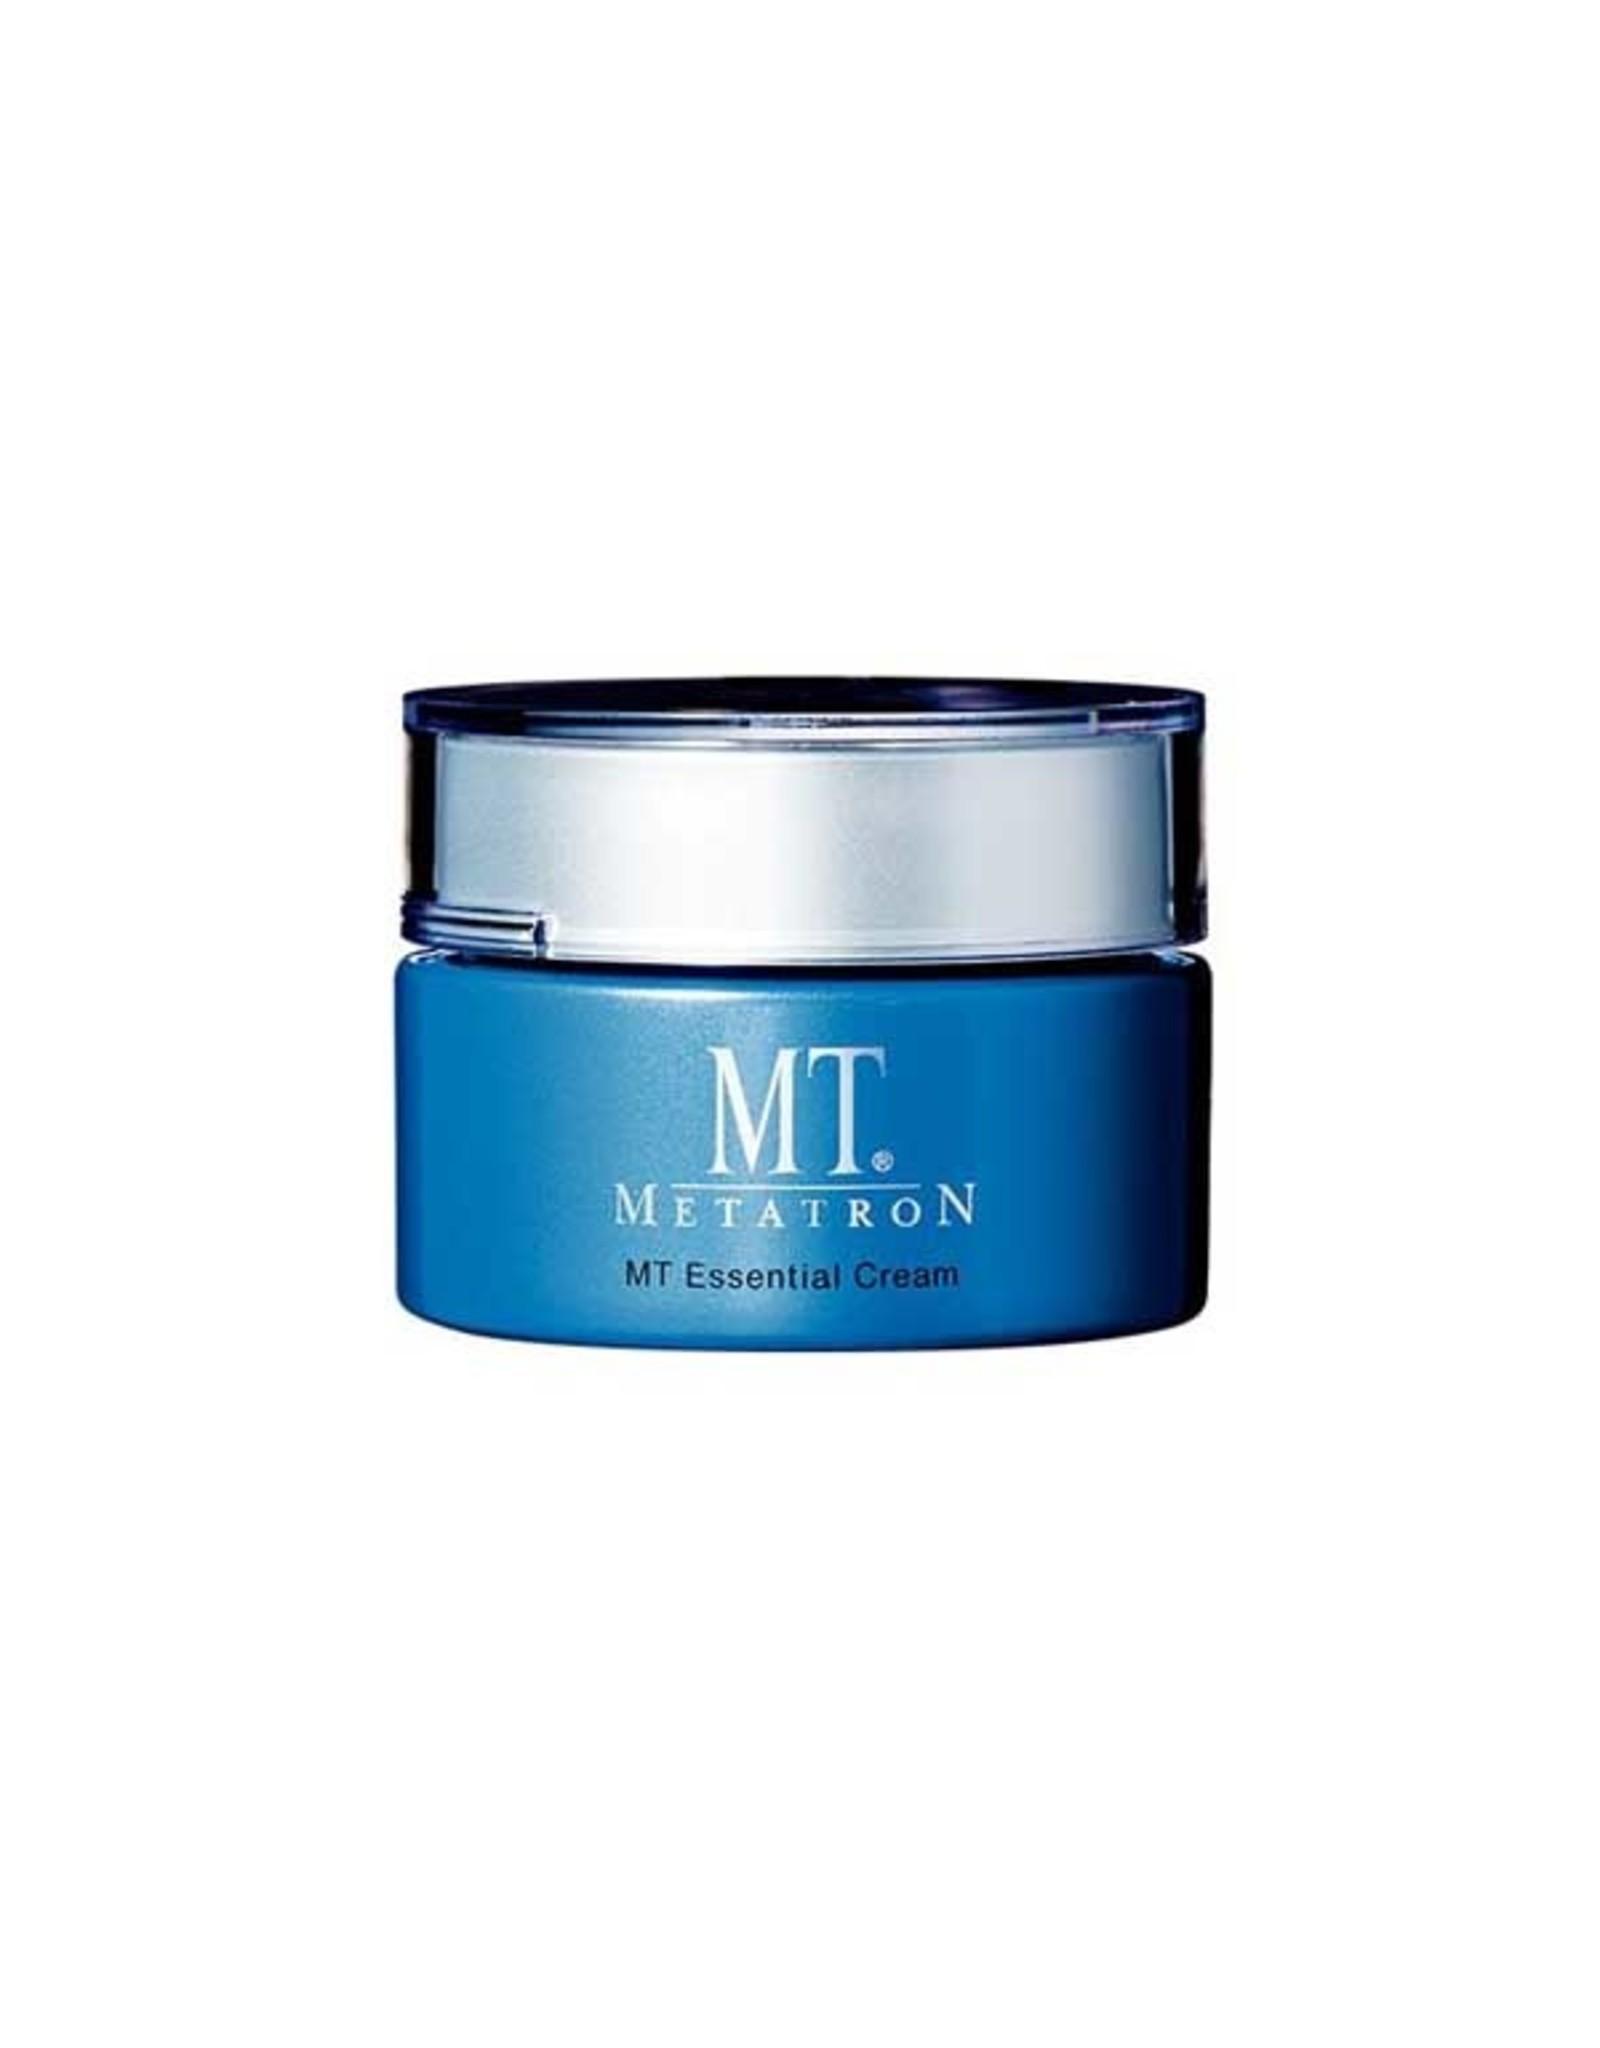 MT Metatron MT Metatron Essential Cream